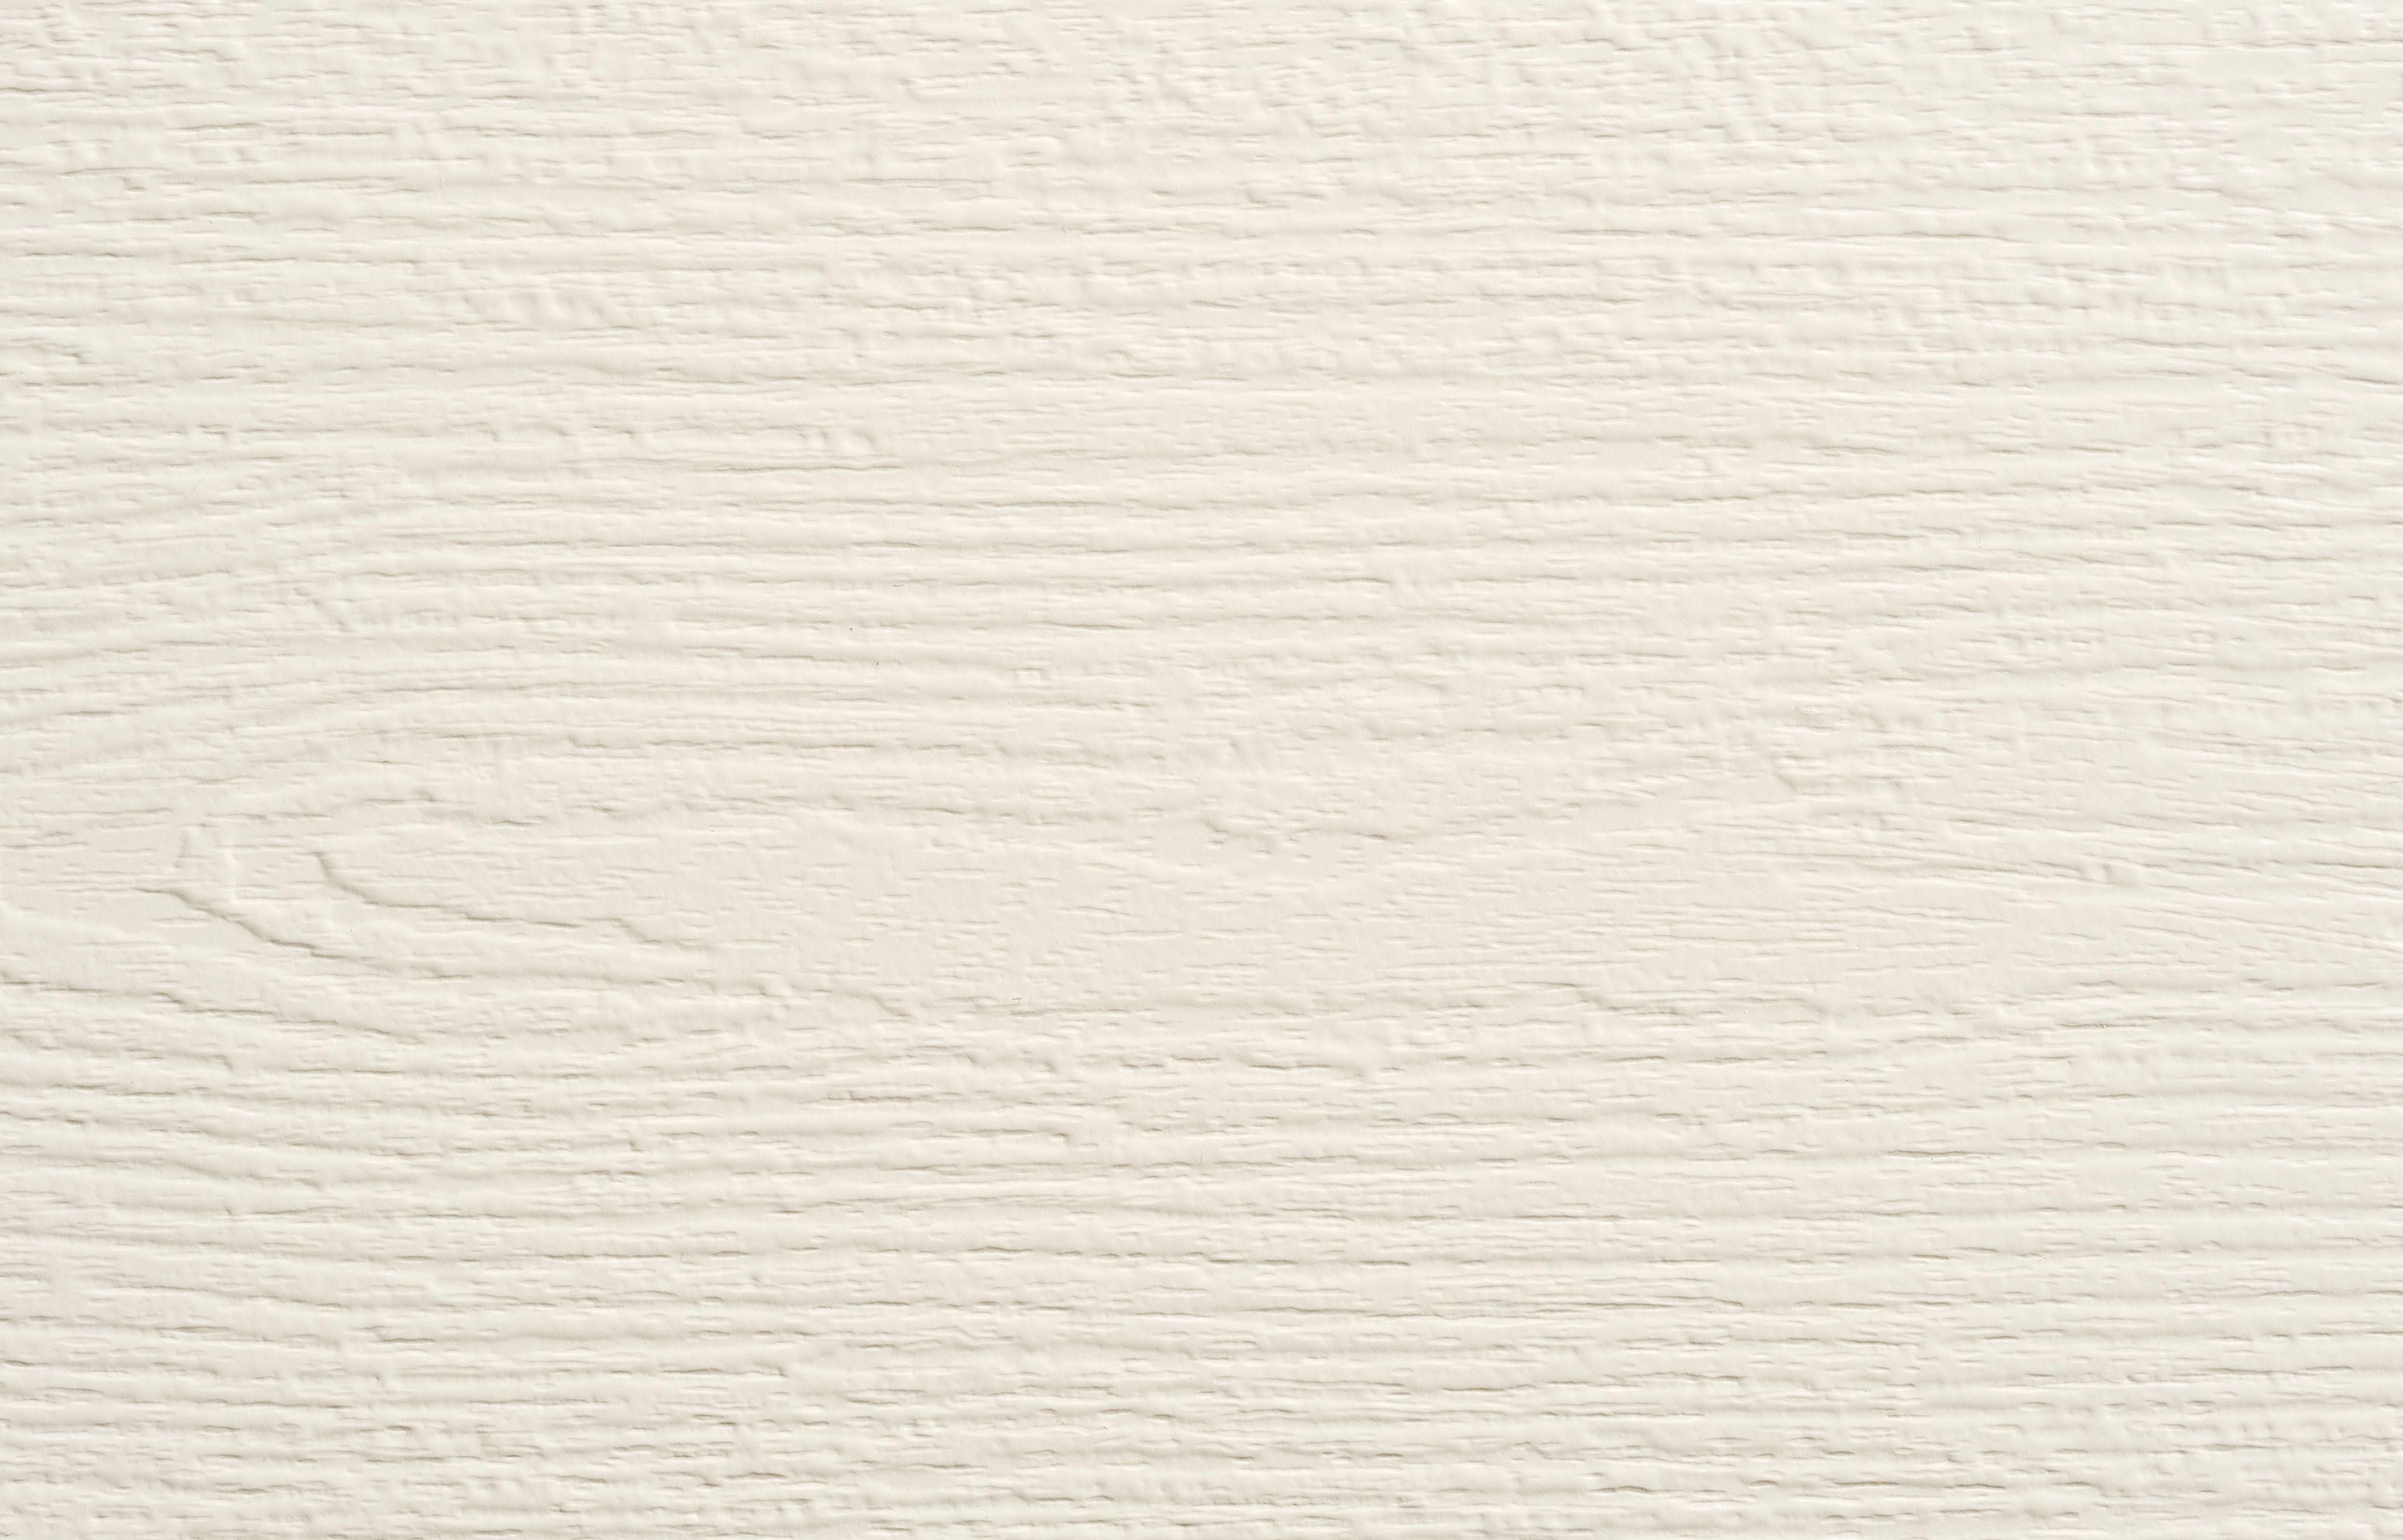 Foiled White | Textured wallpaper, Embossed wallpaper ...